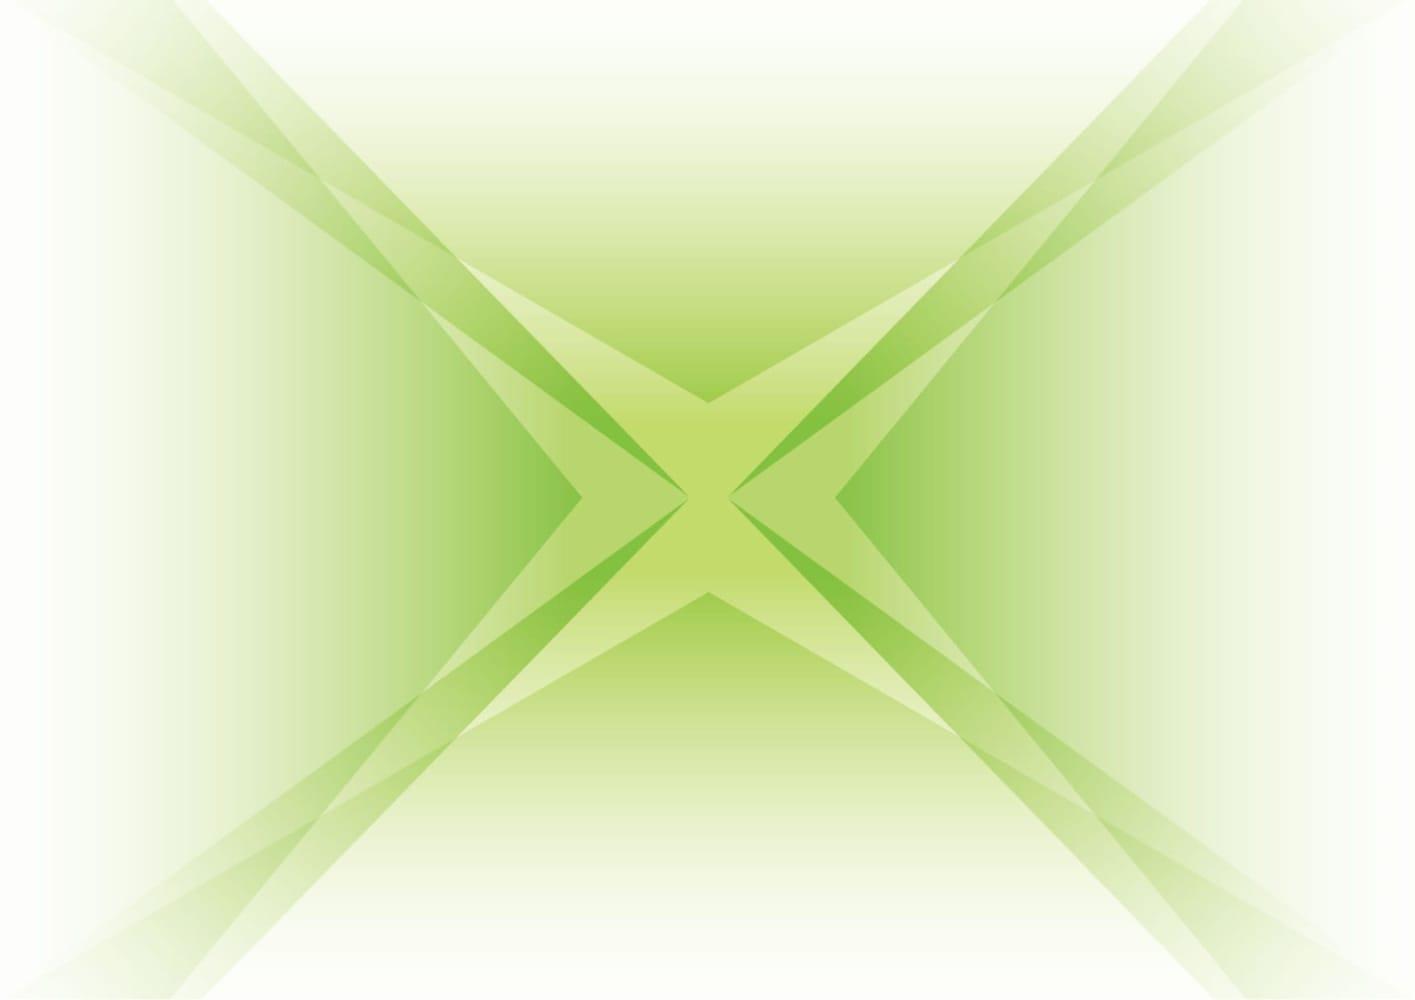 背景 光線 緑色 イラスト 無料